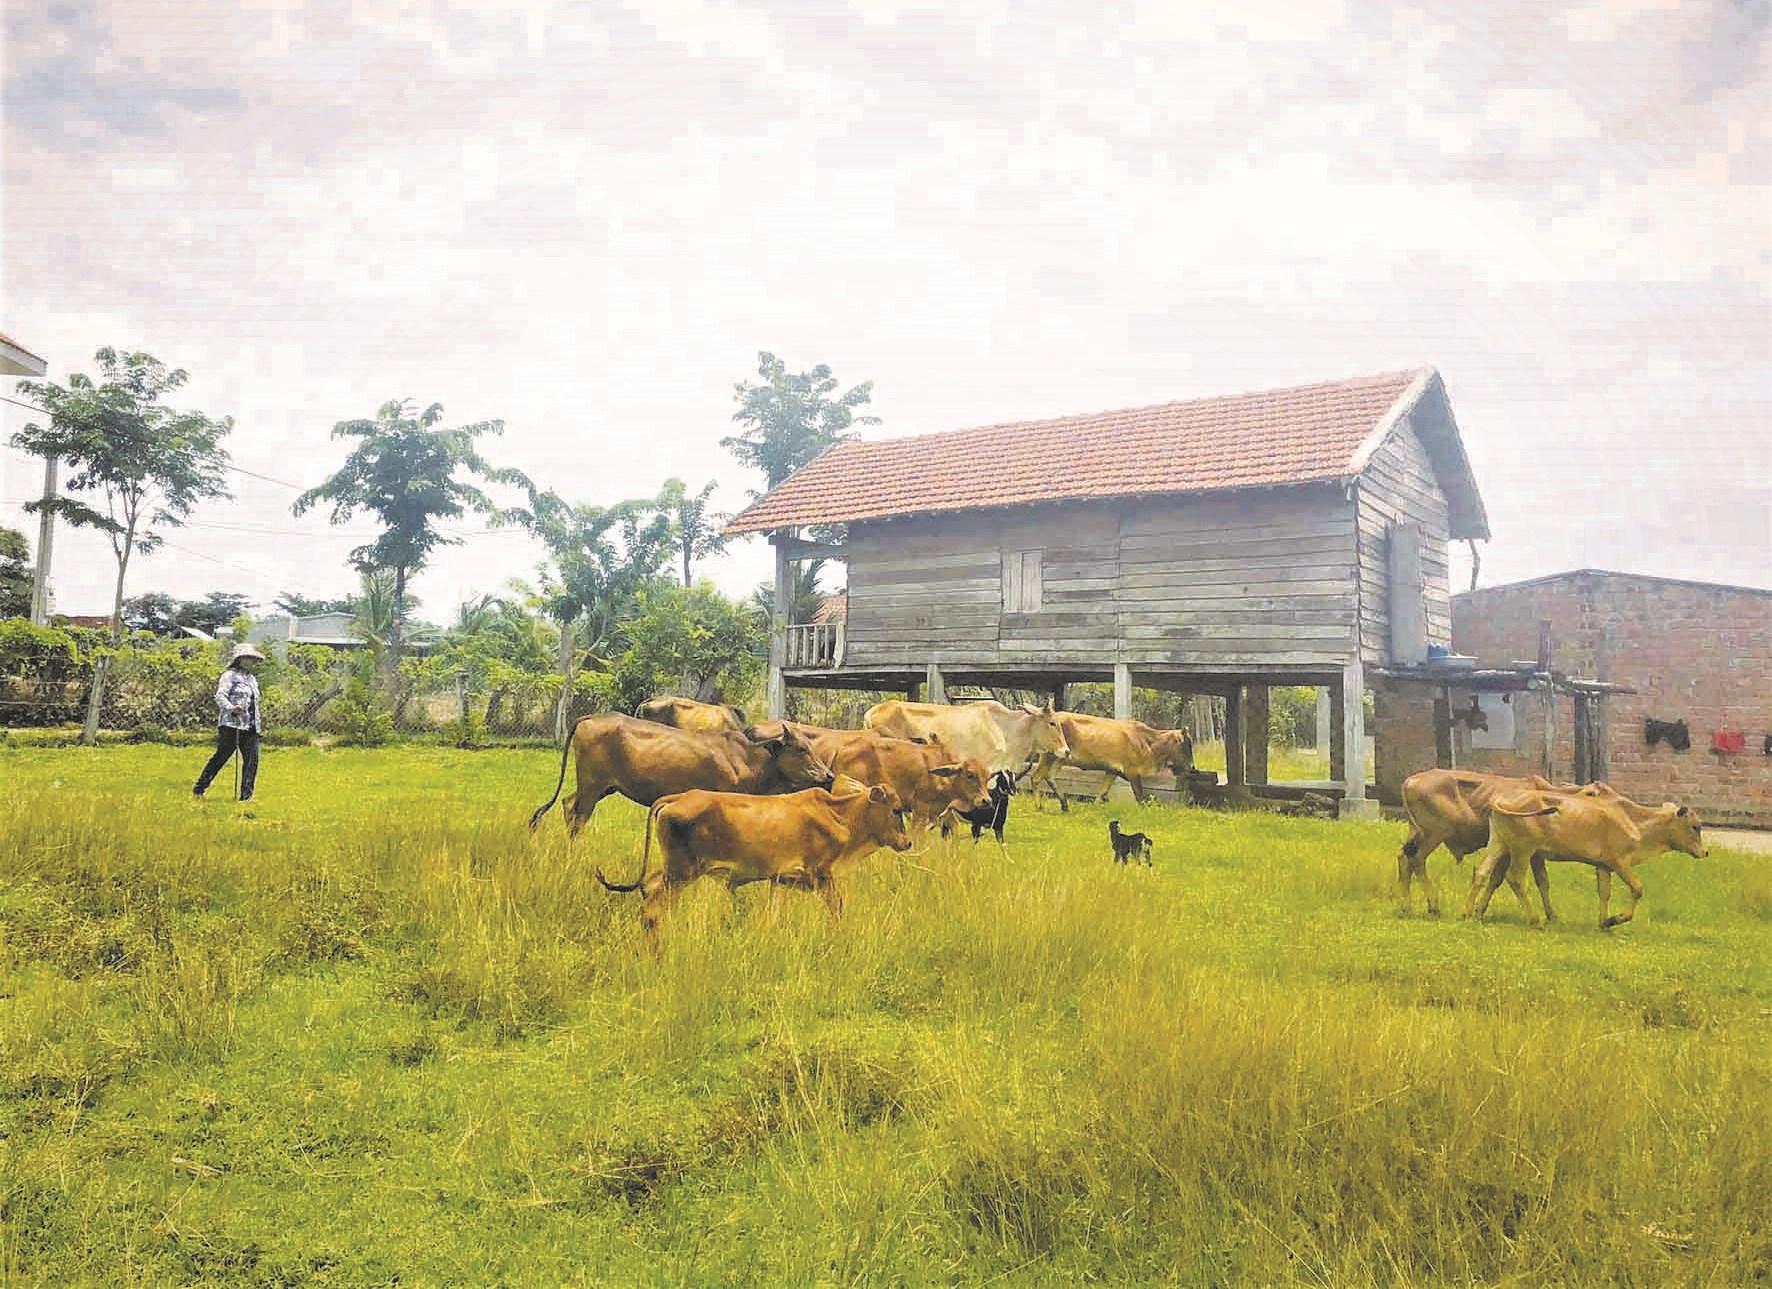 Nhờ được hỗ trợ vốn, nhiều hộ dân ở Krông Pa đầu tư nuôi bò hiệu quả và nhanh chóng thoát nghèo.